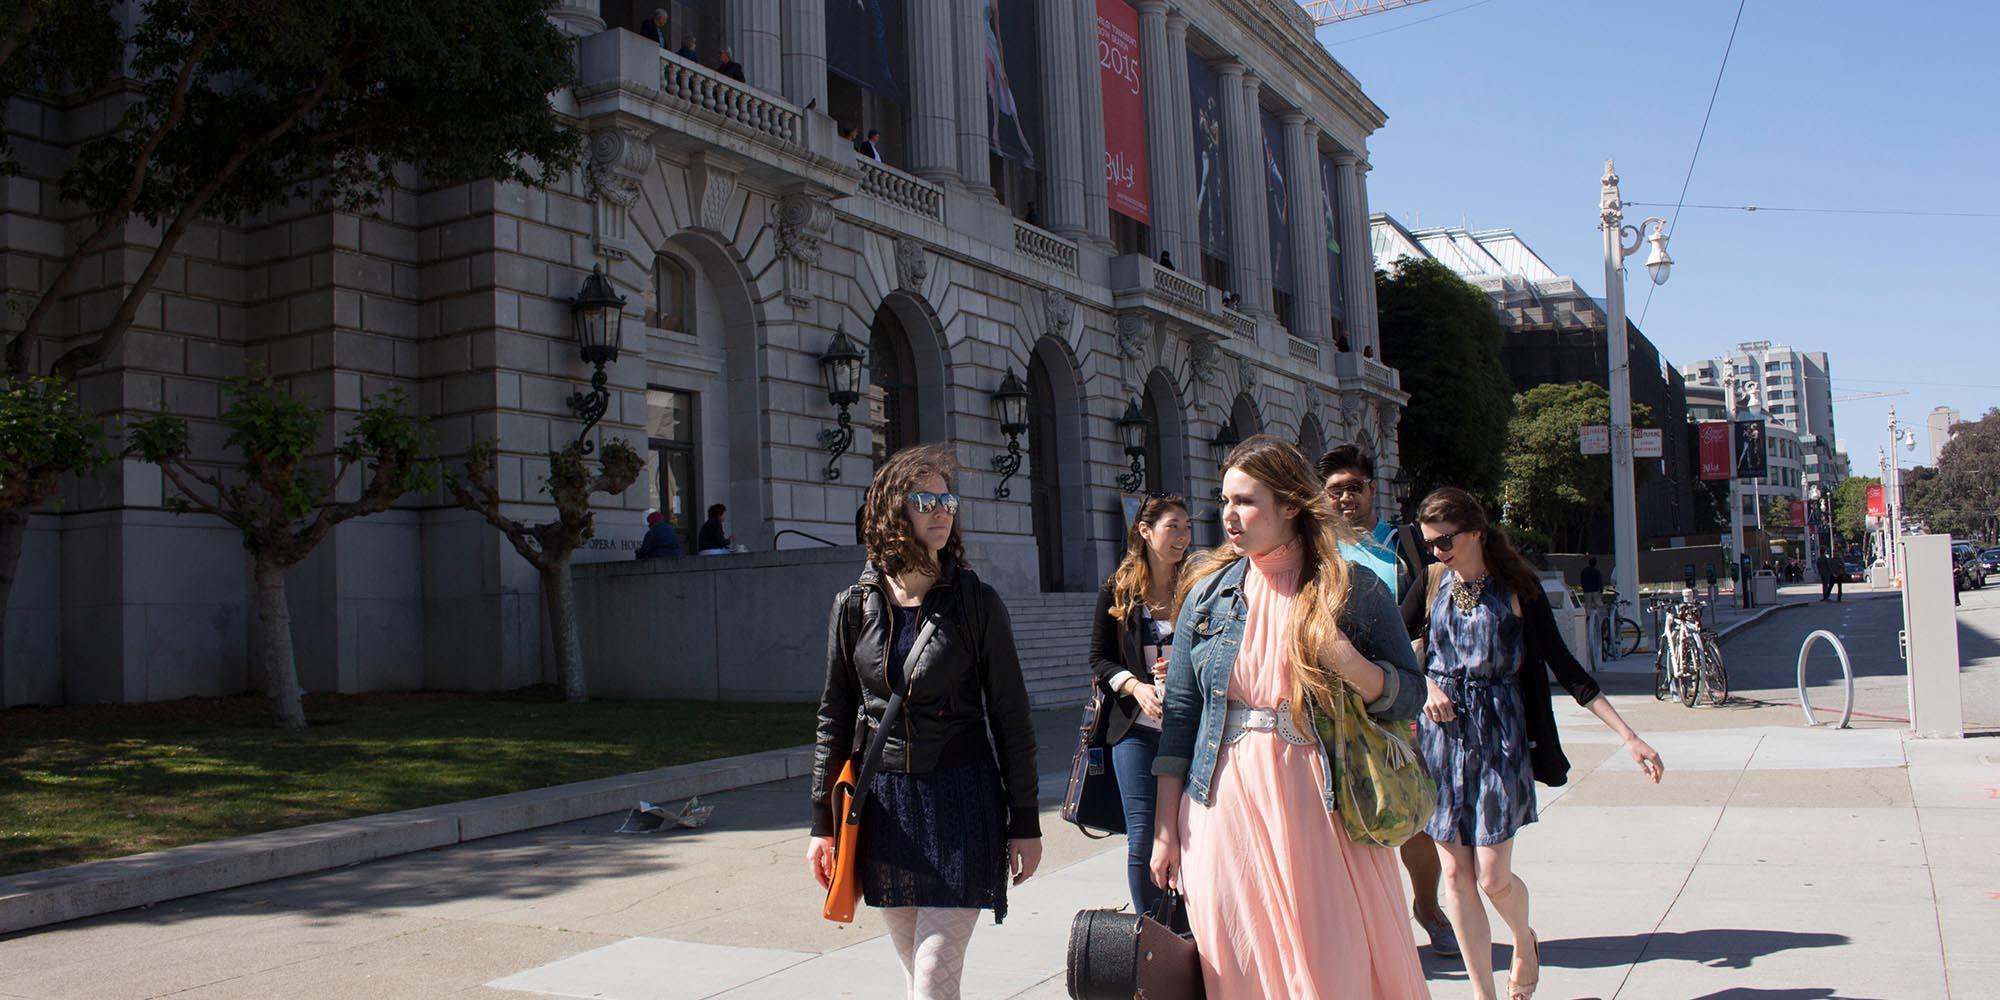 SFCM students outside